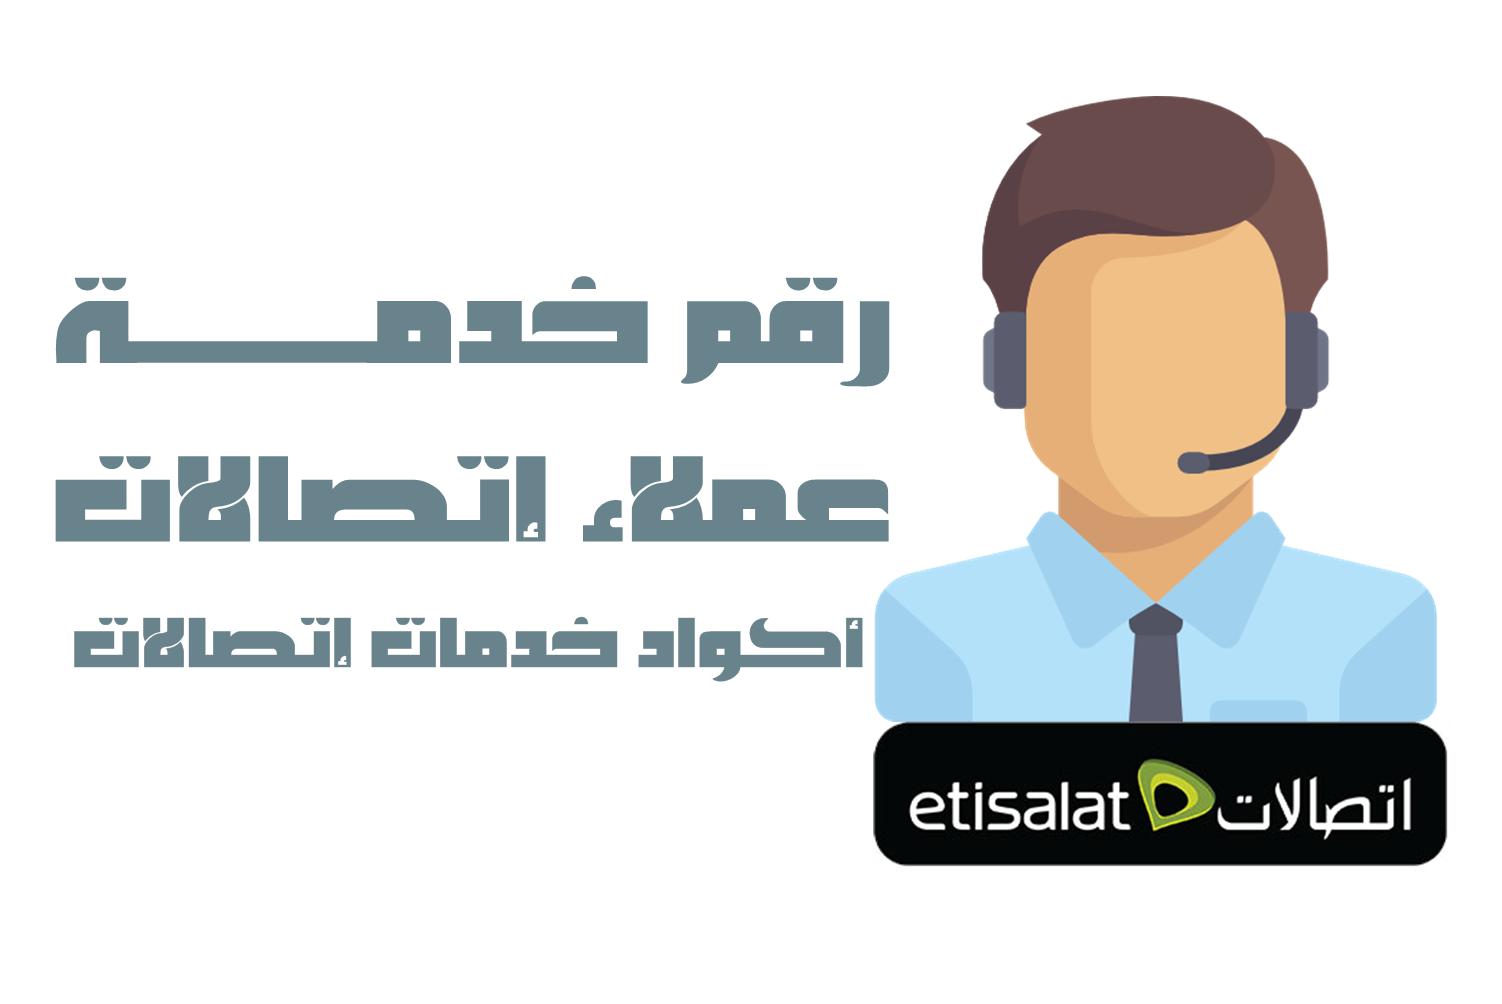 رقم خدمة عملاء اتصالات مصر و الدعم الفني 2018